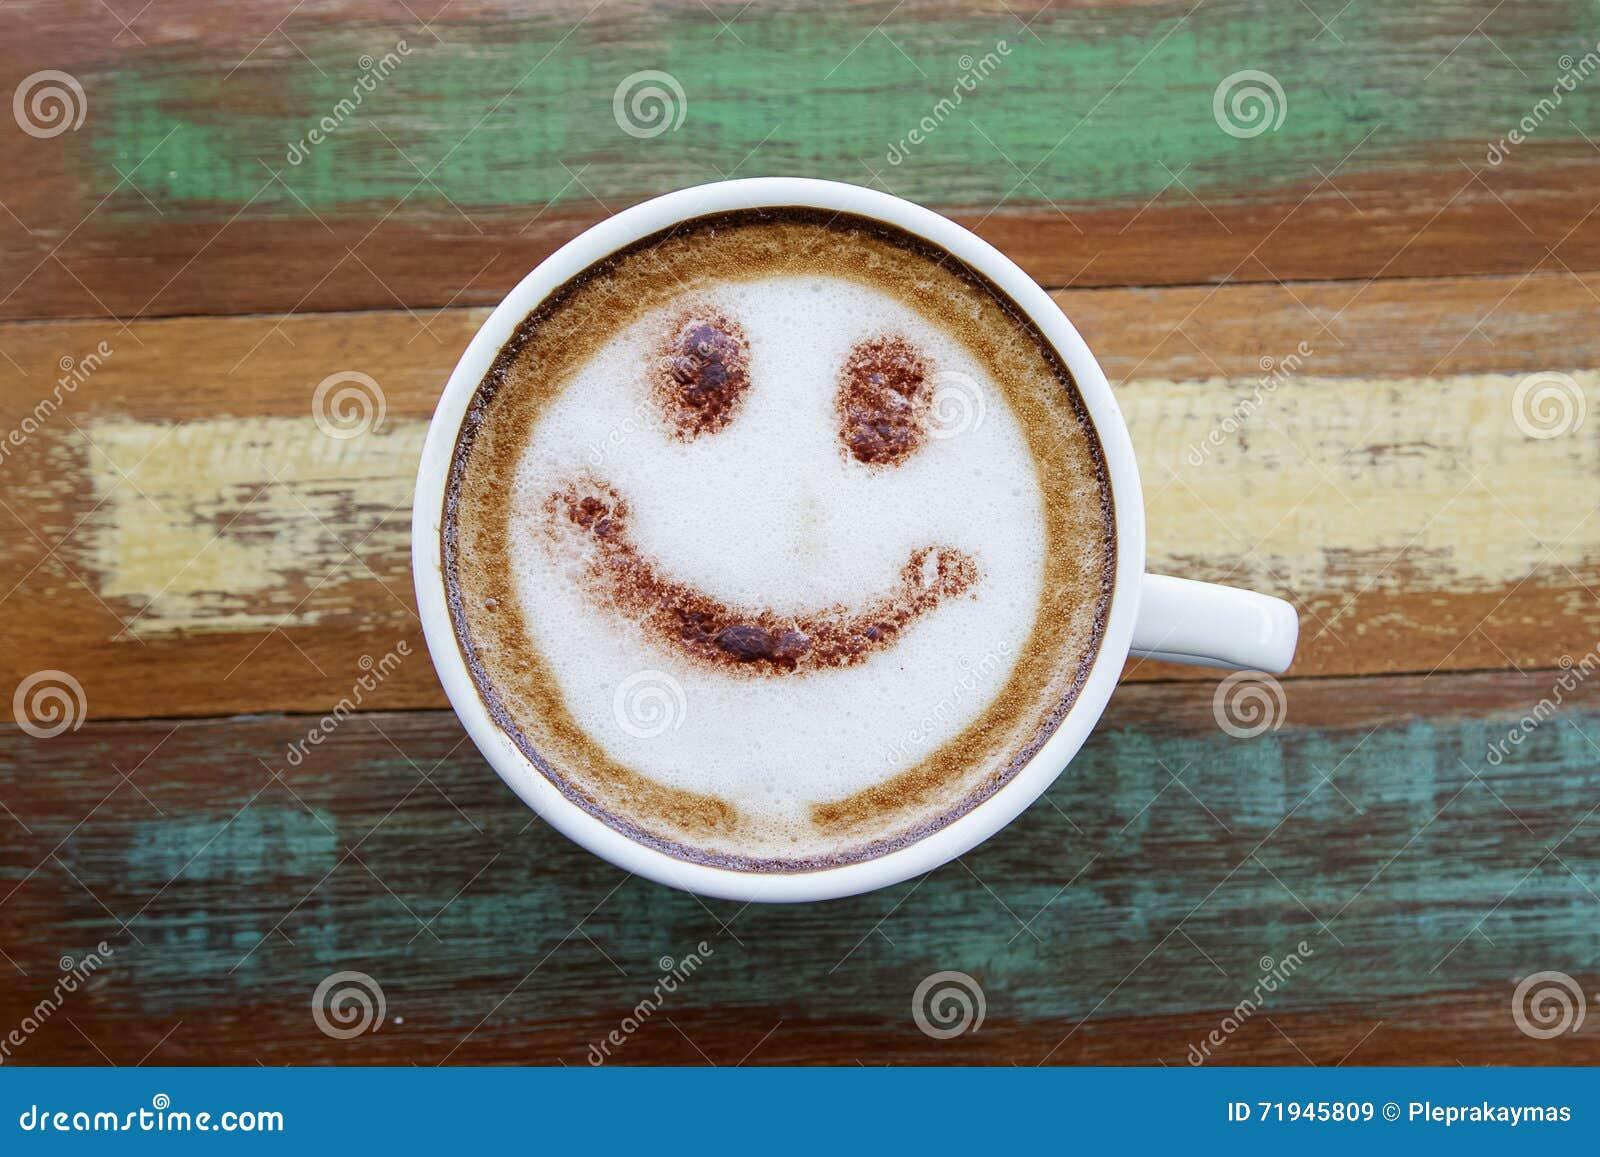 Чертеж стороны улыбки на кофе искусства latte